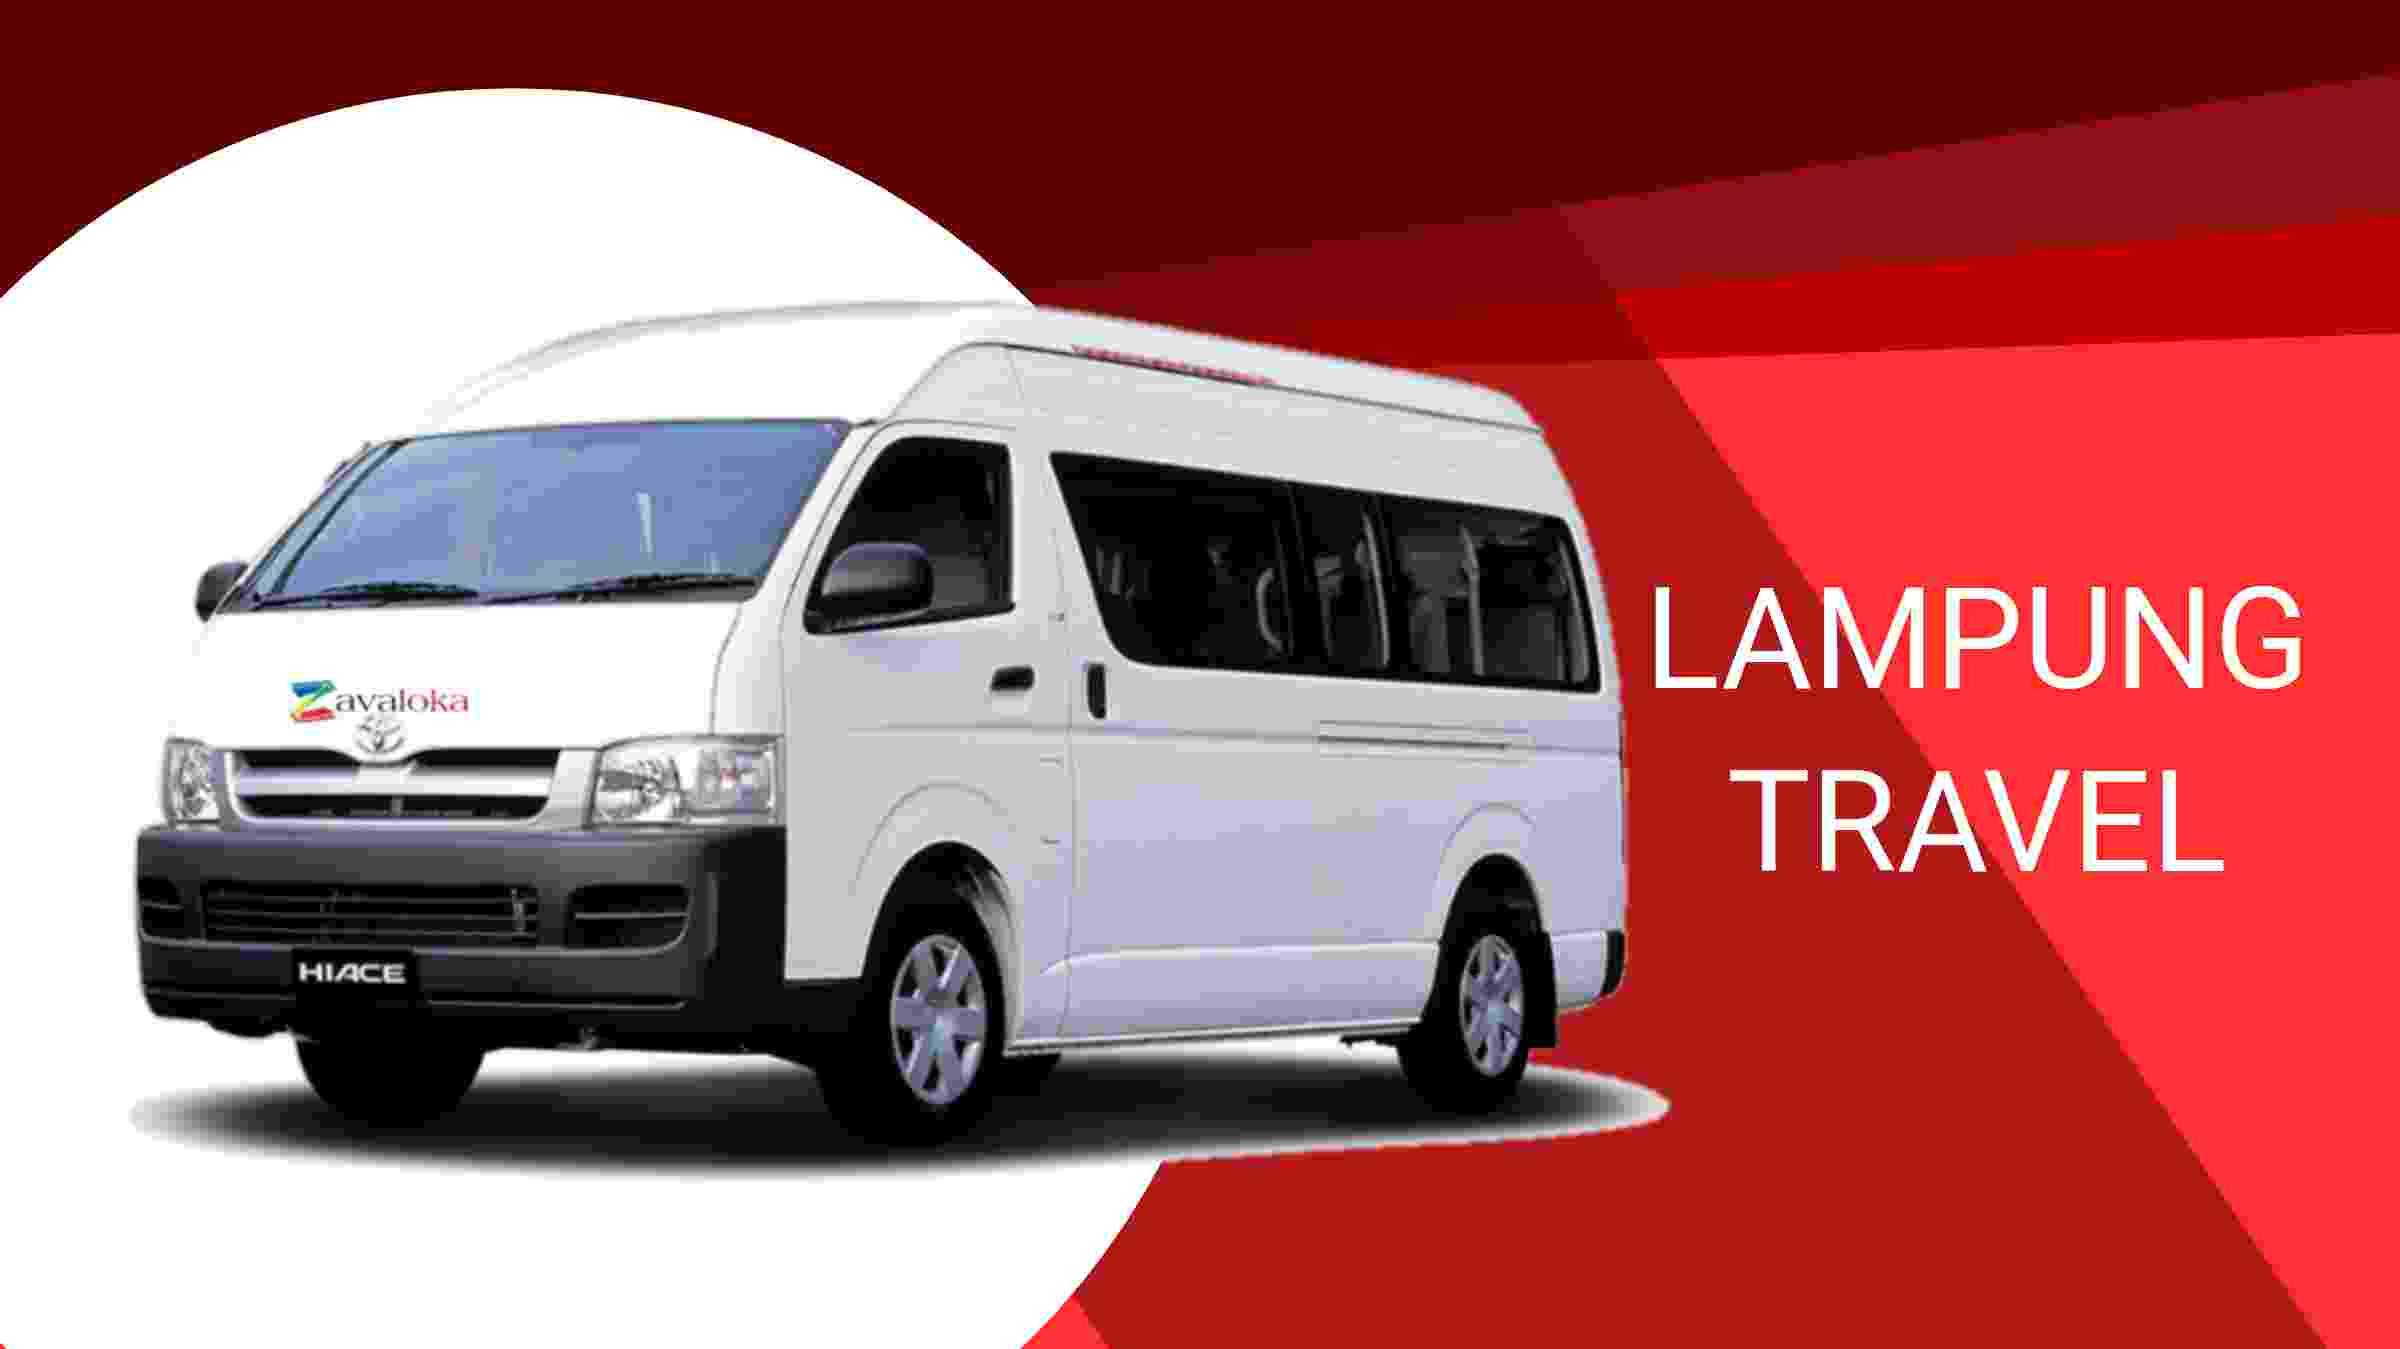 Travel Tangerang Lampung - Pelayanan 24 jam